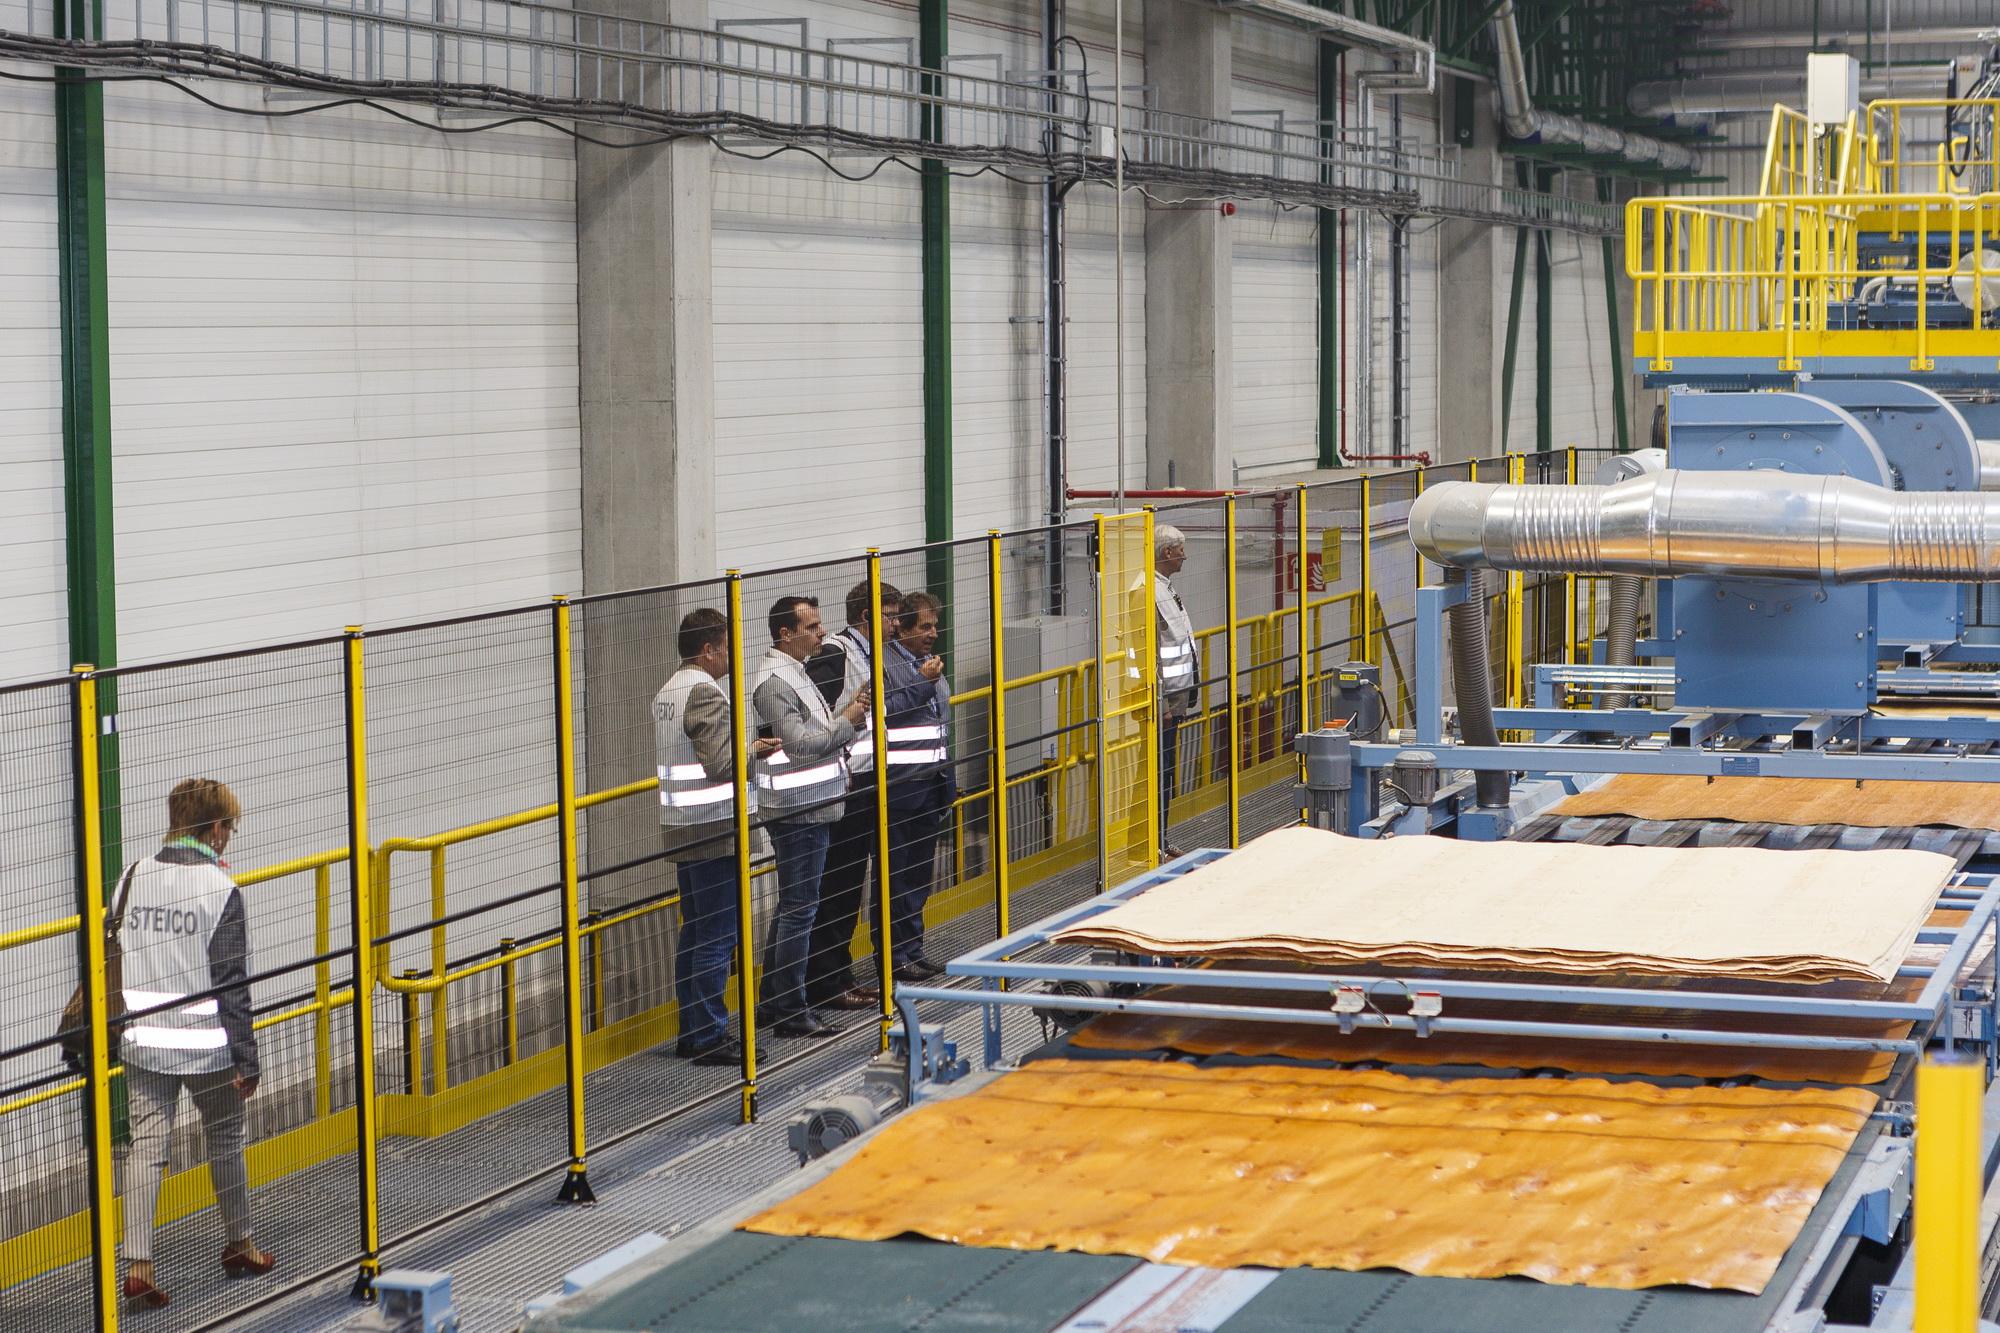 Najnowocześniejszą na świecie fabrykę LVL oraz kolejny ciąg produkcji płyt pilśniowych w Czarnej Wodzie zwiedzali 10 września klienci STEICO z całego świata. Fot. Paweł Winiarski